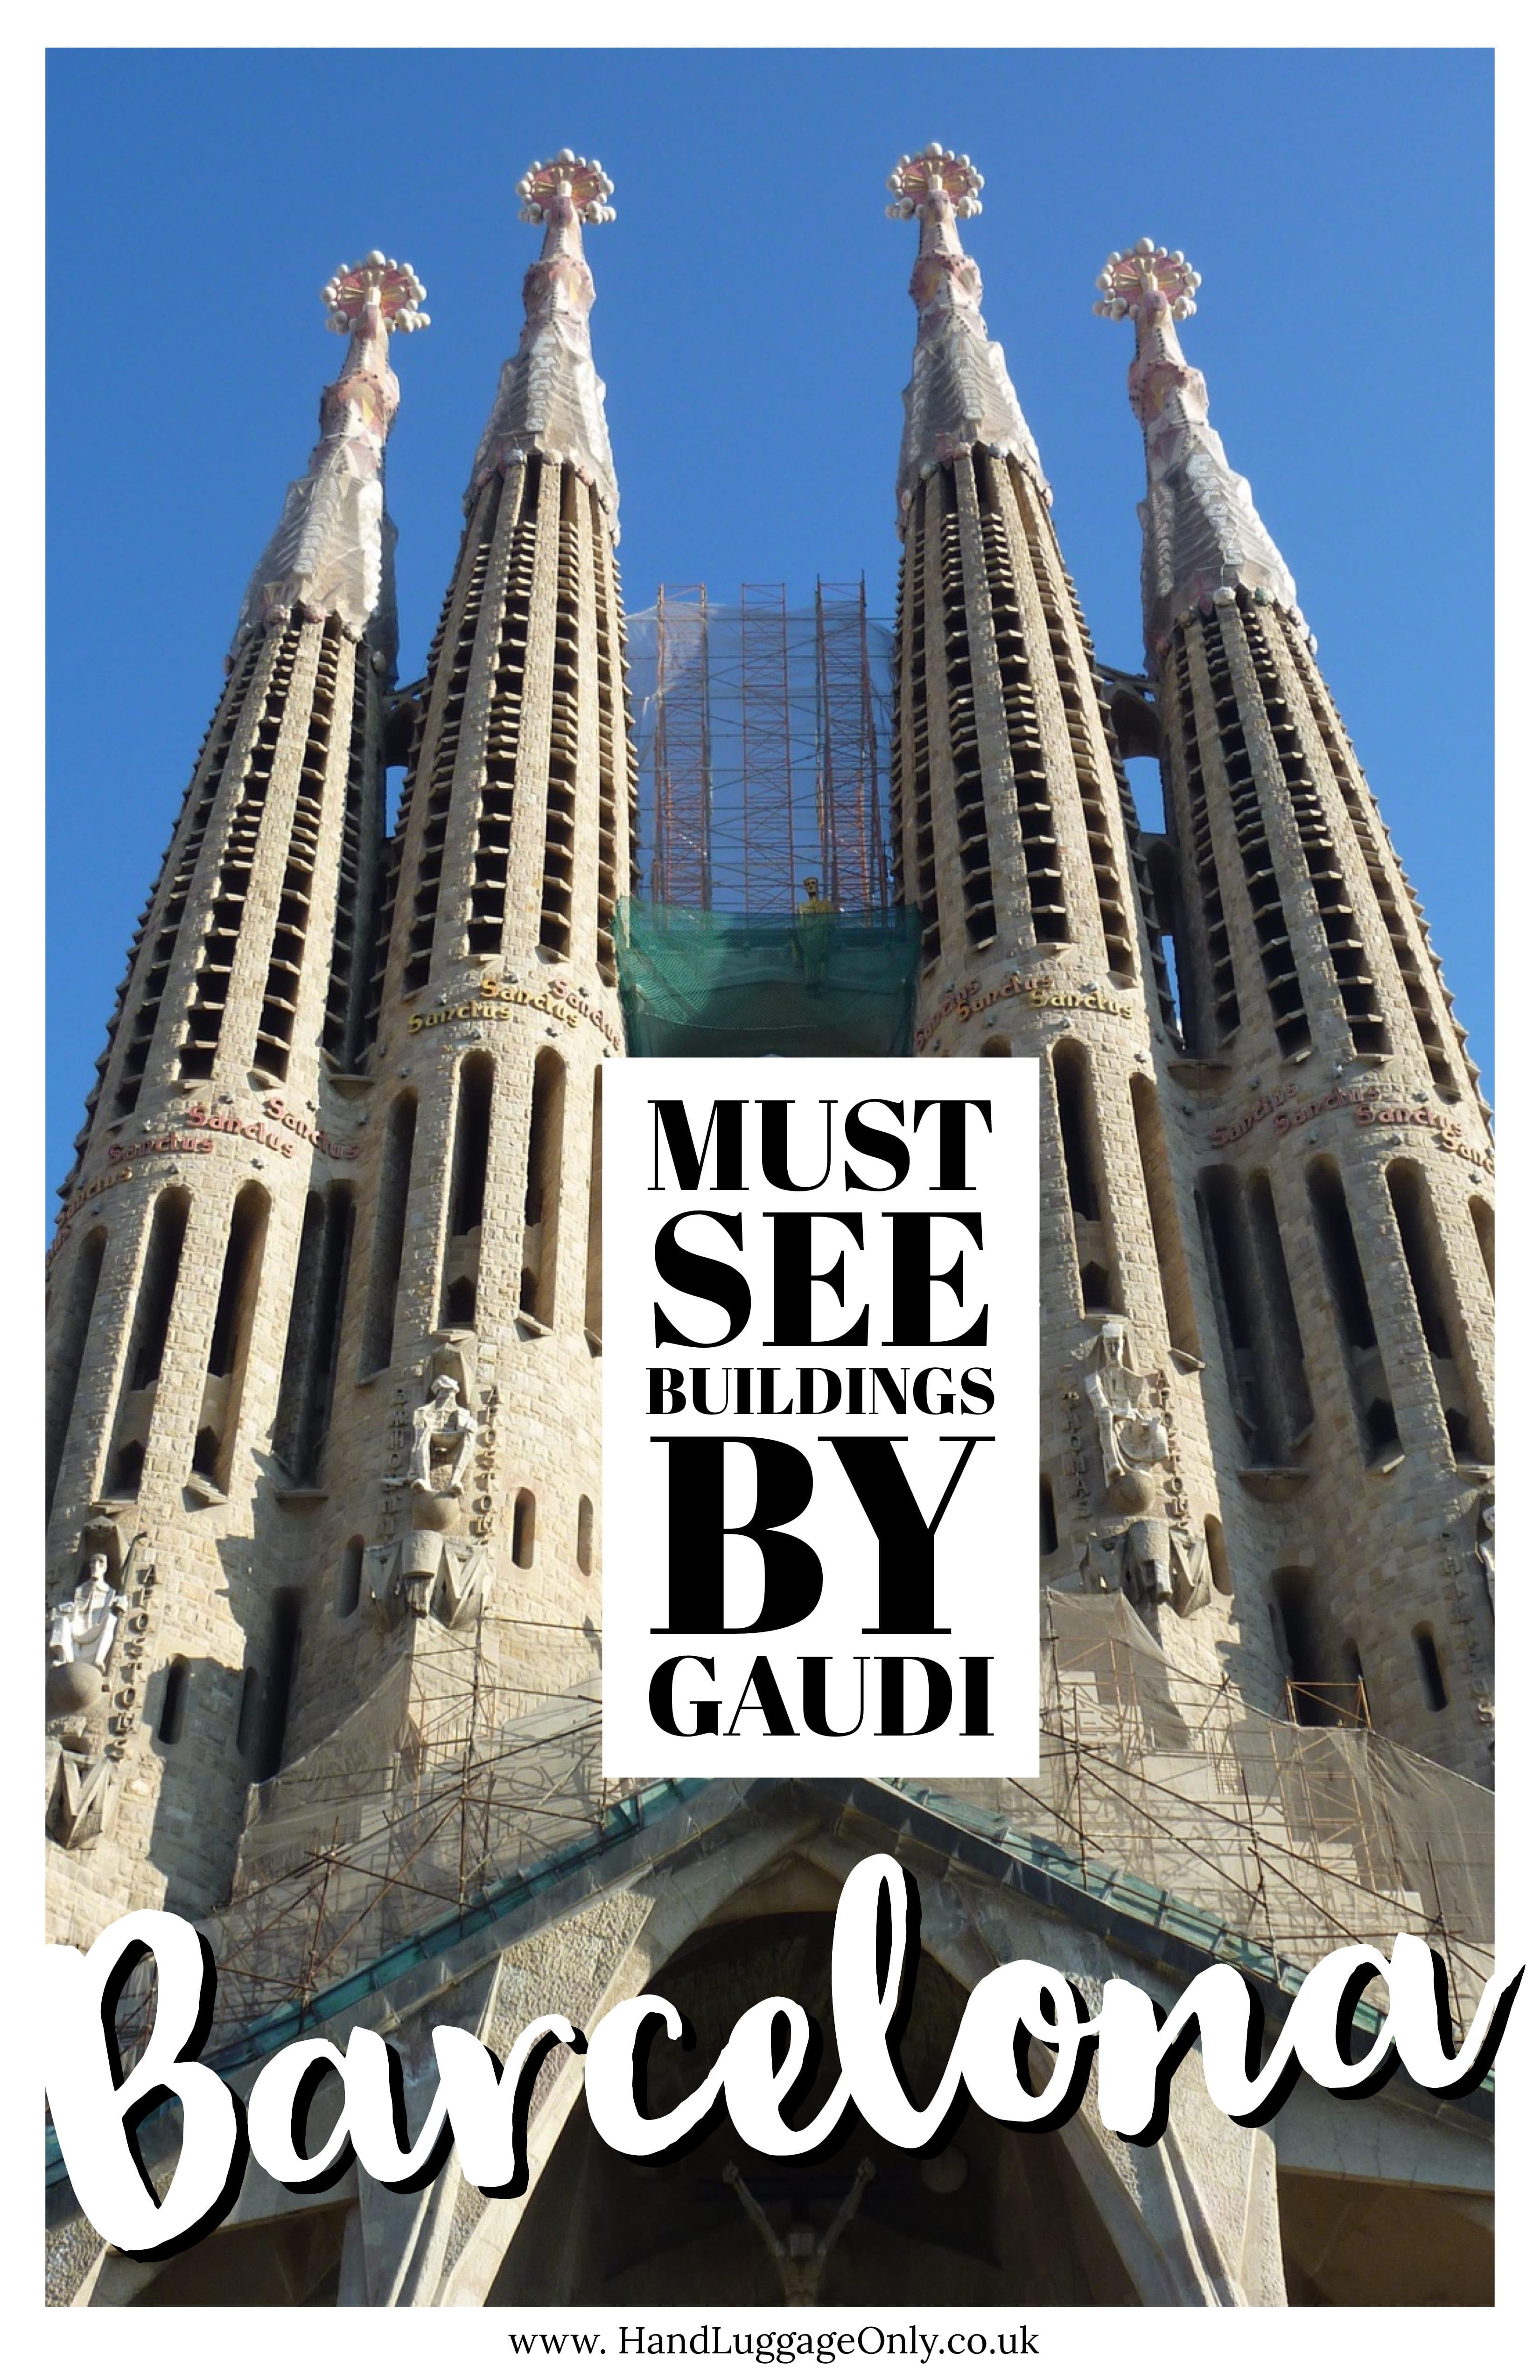 6 Must See Buildings By Gaudi In Barcelona (11)